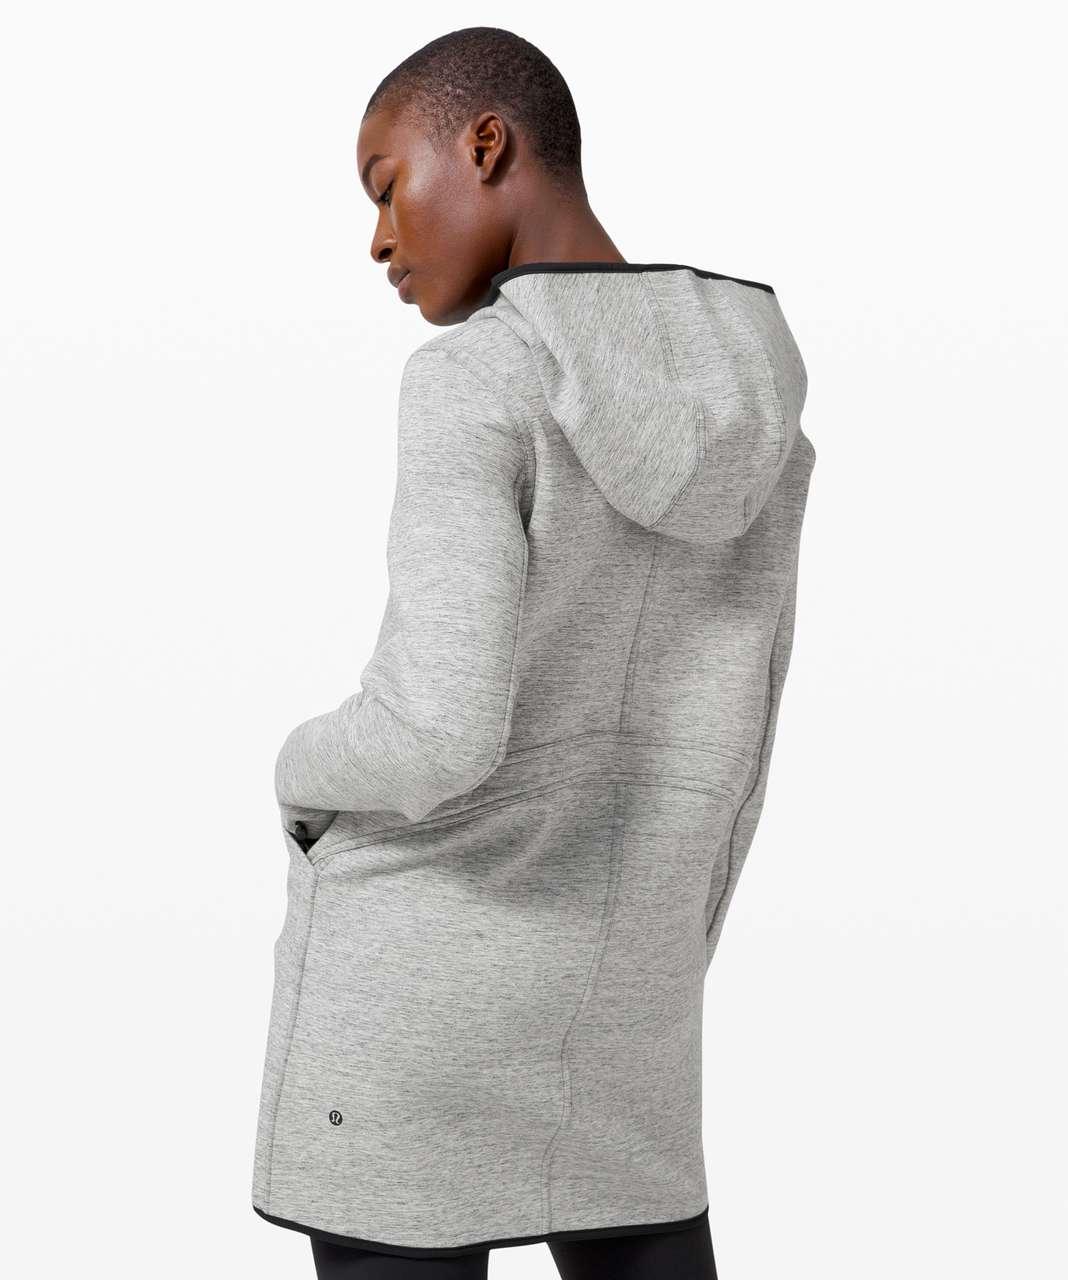 Lululemon Urban Horizons Jacket - Heathered Space Dyed Medium Grey / Black